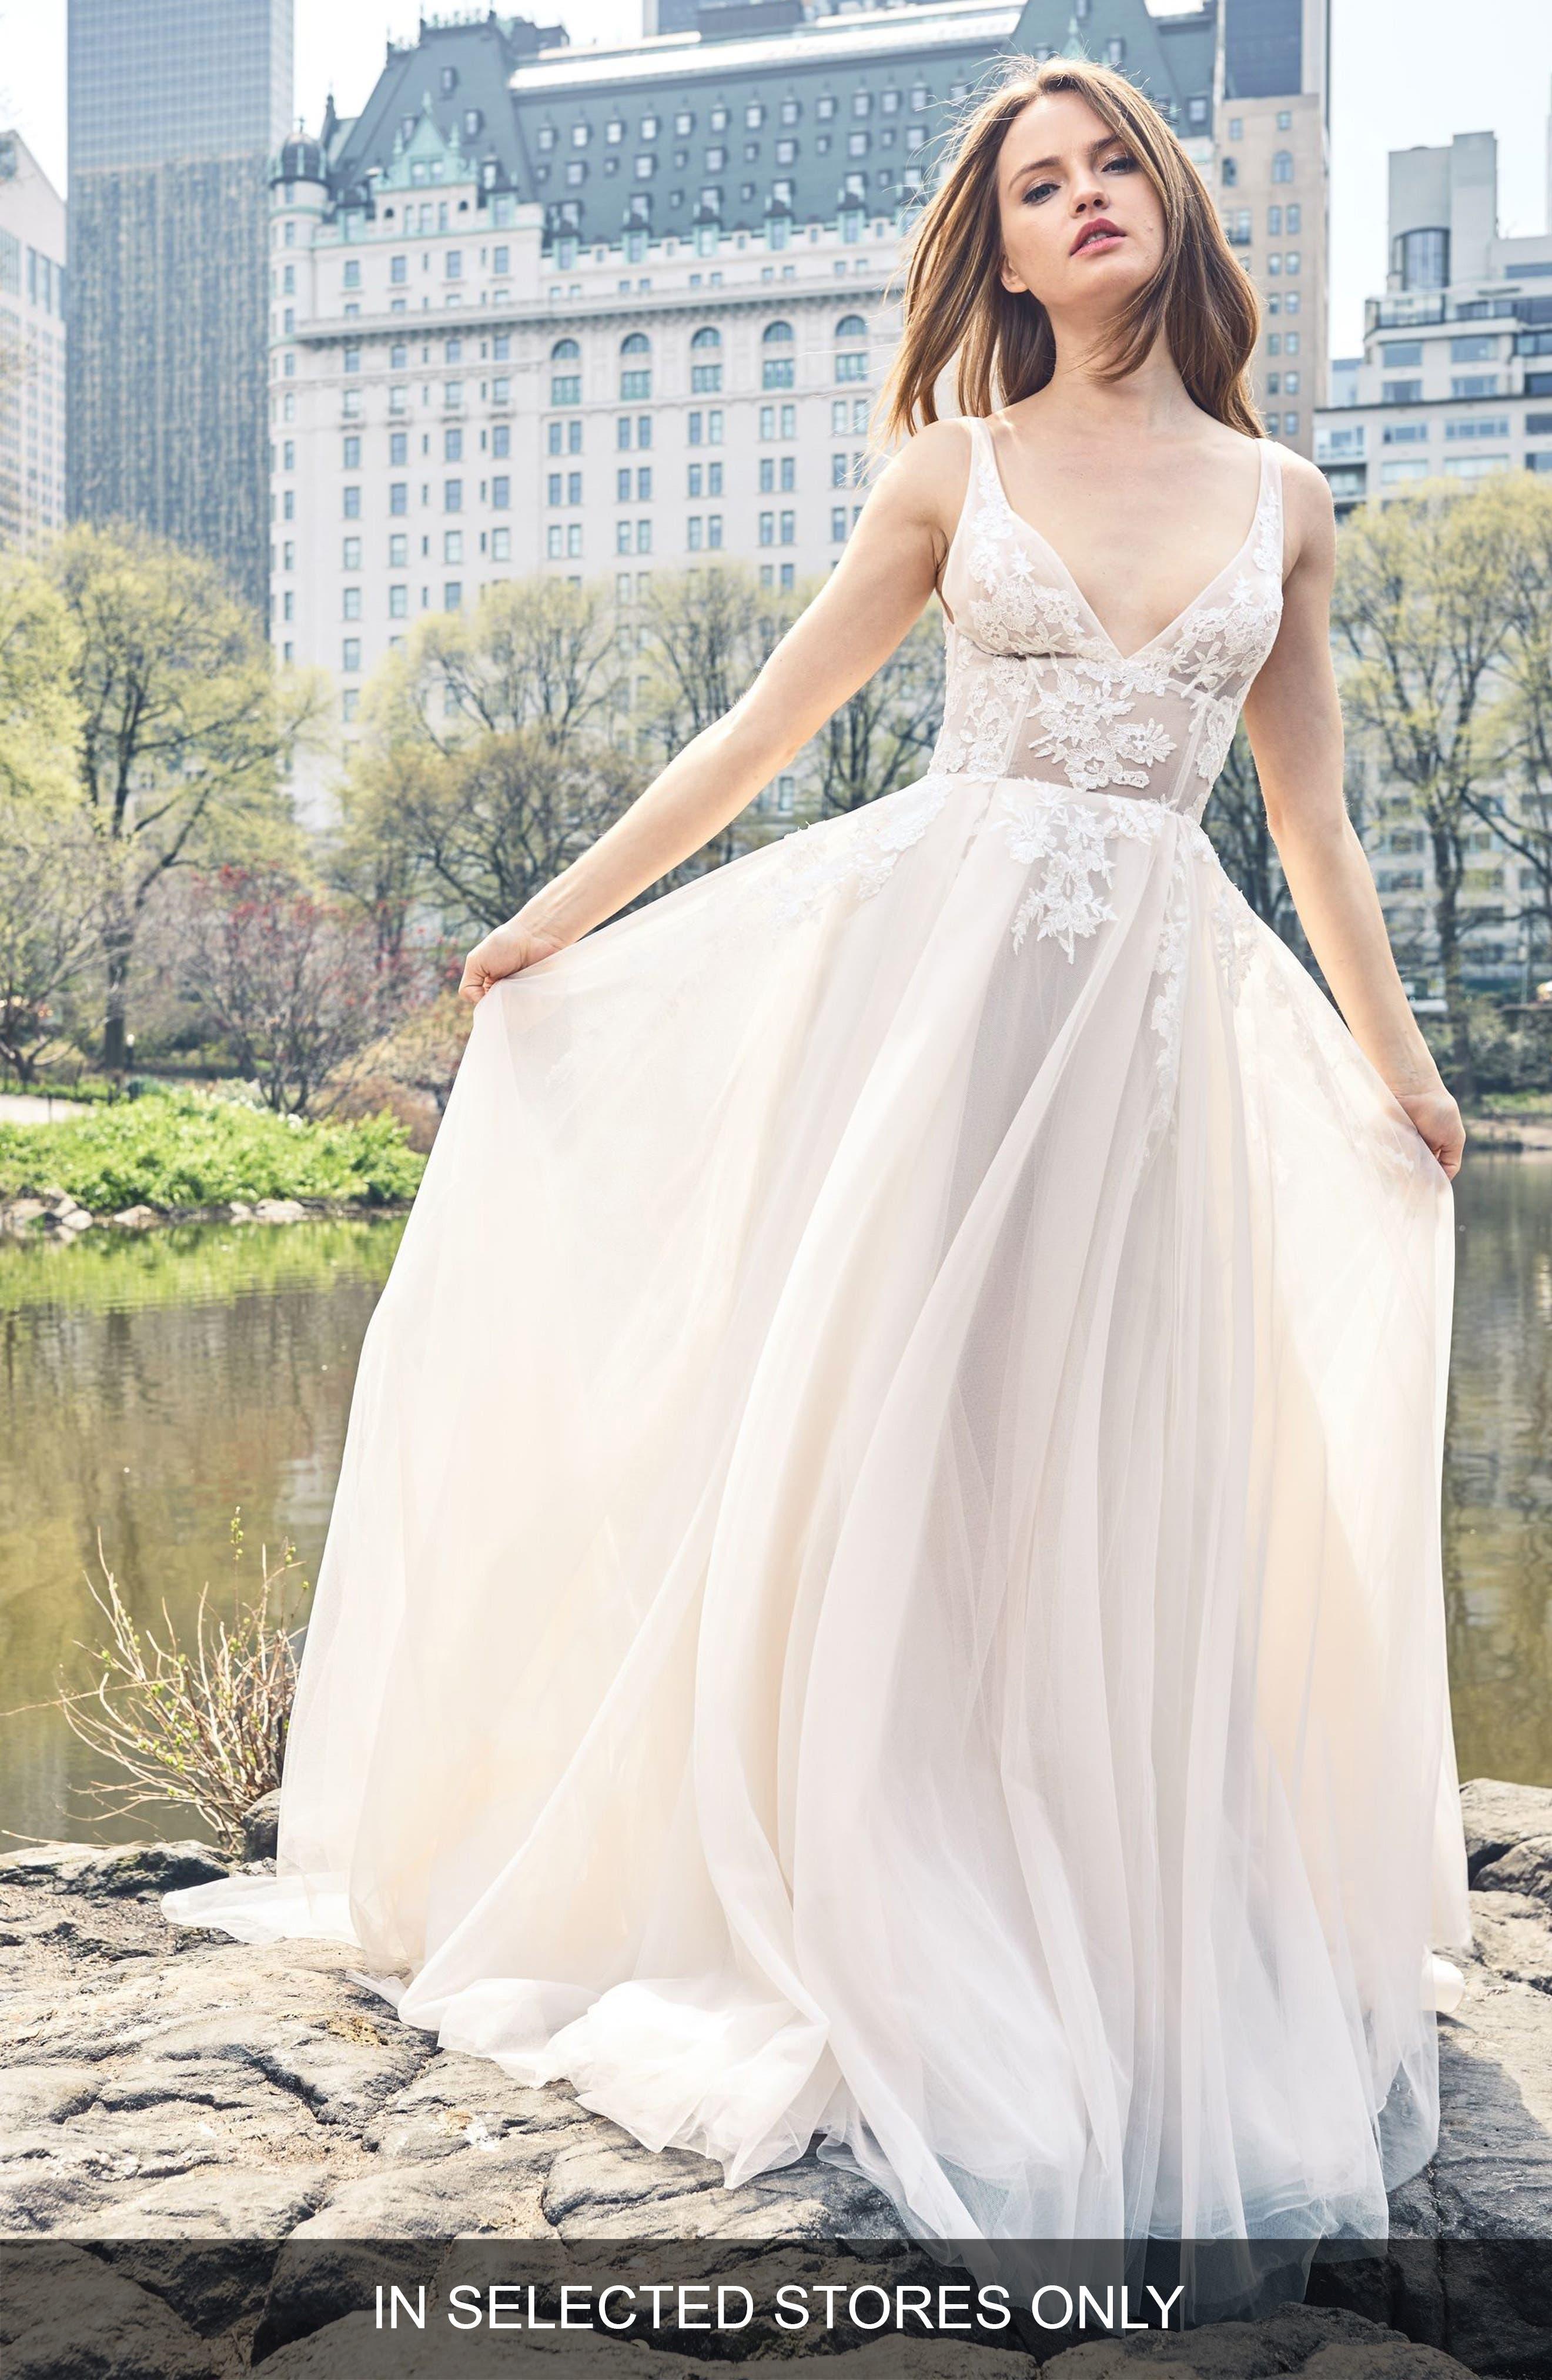 Lace Appliqué A-Line Gown,                             Main thumbnail 1, color,                             Silk White/Blush